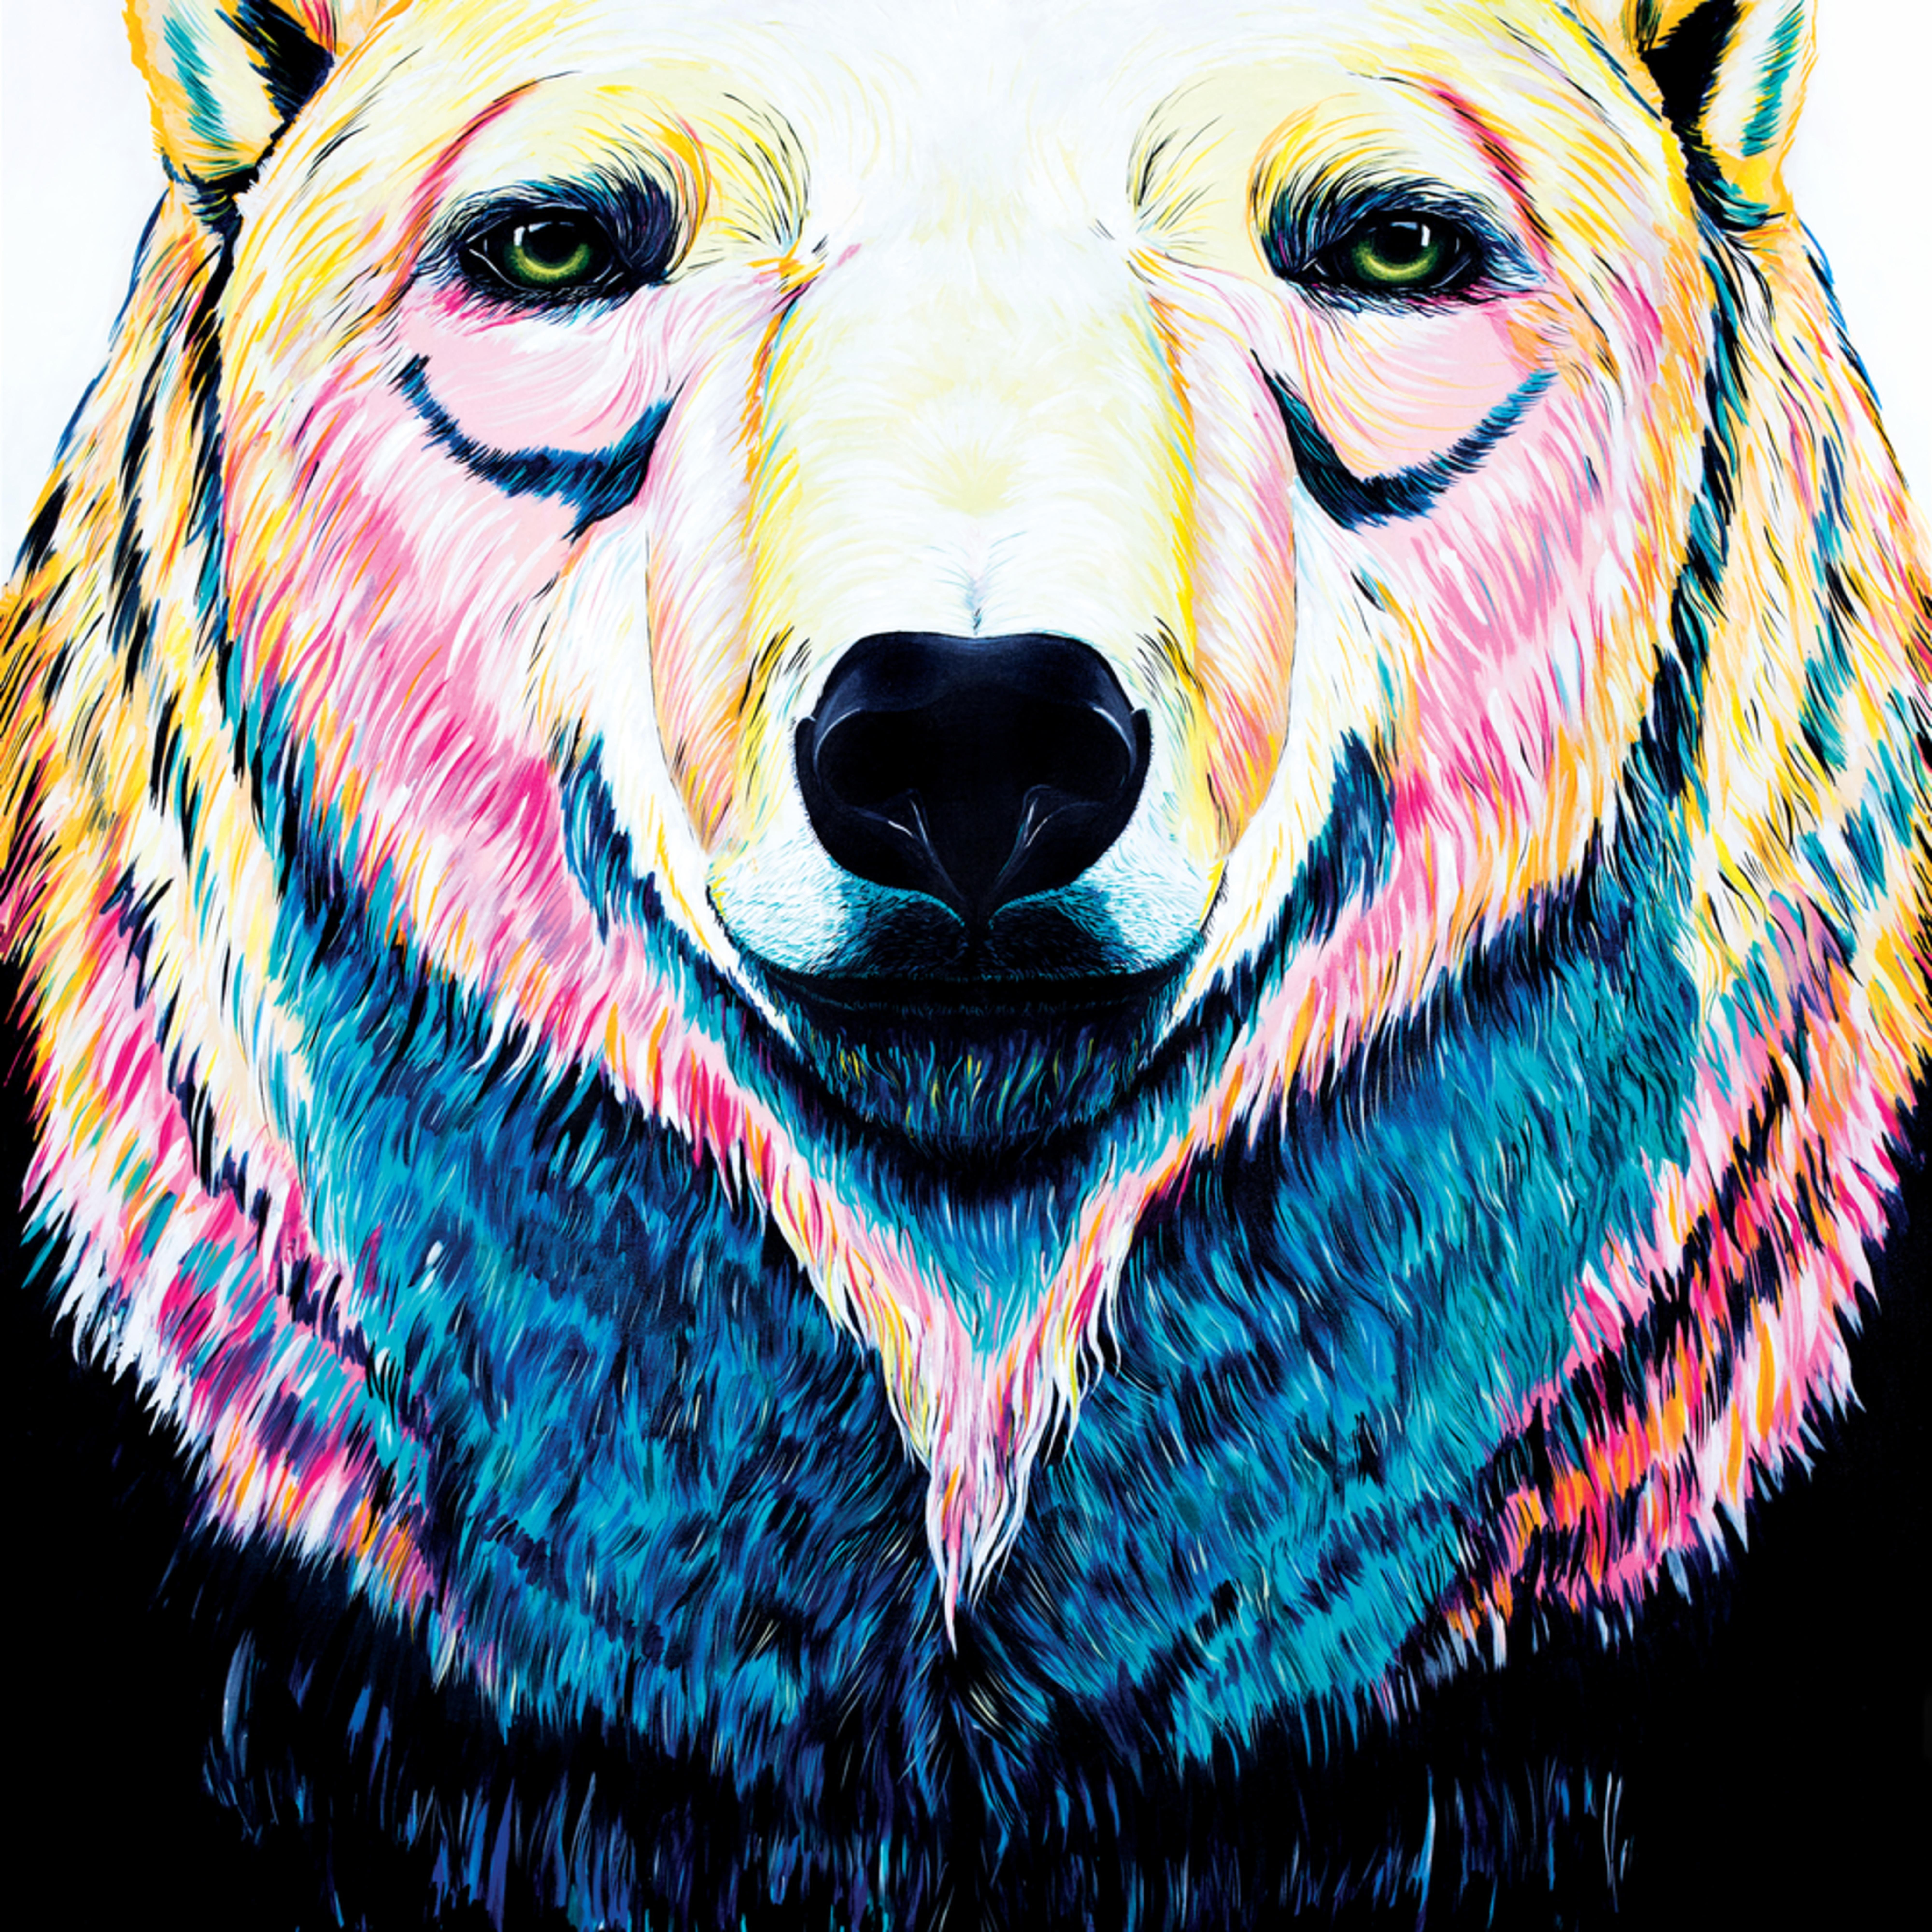 Polarbear zhtemn